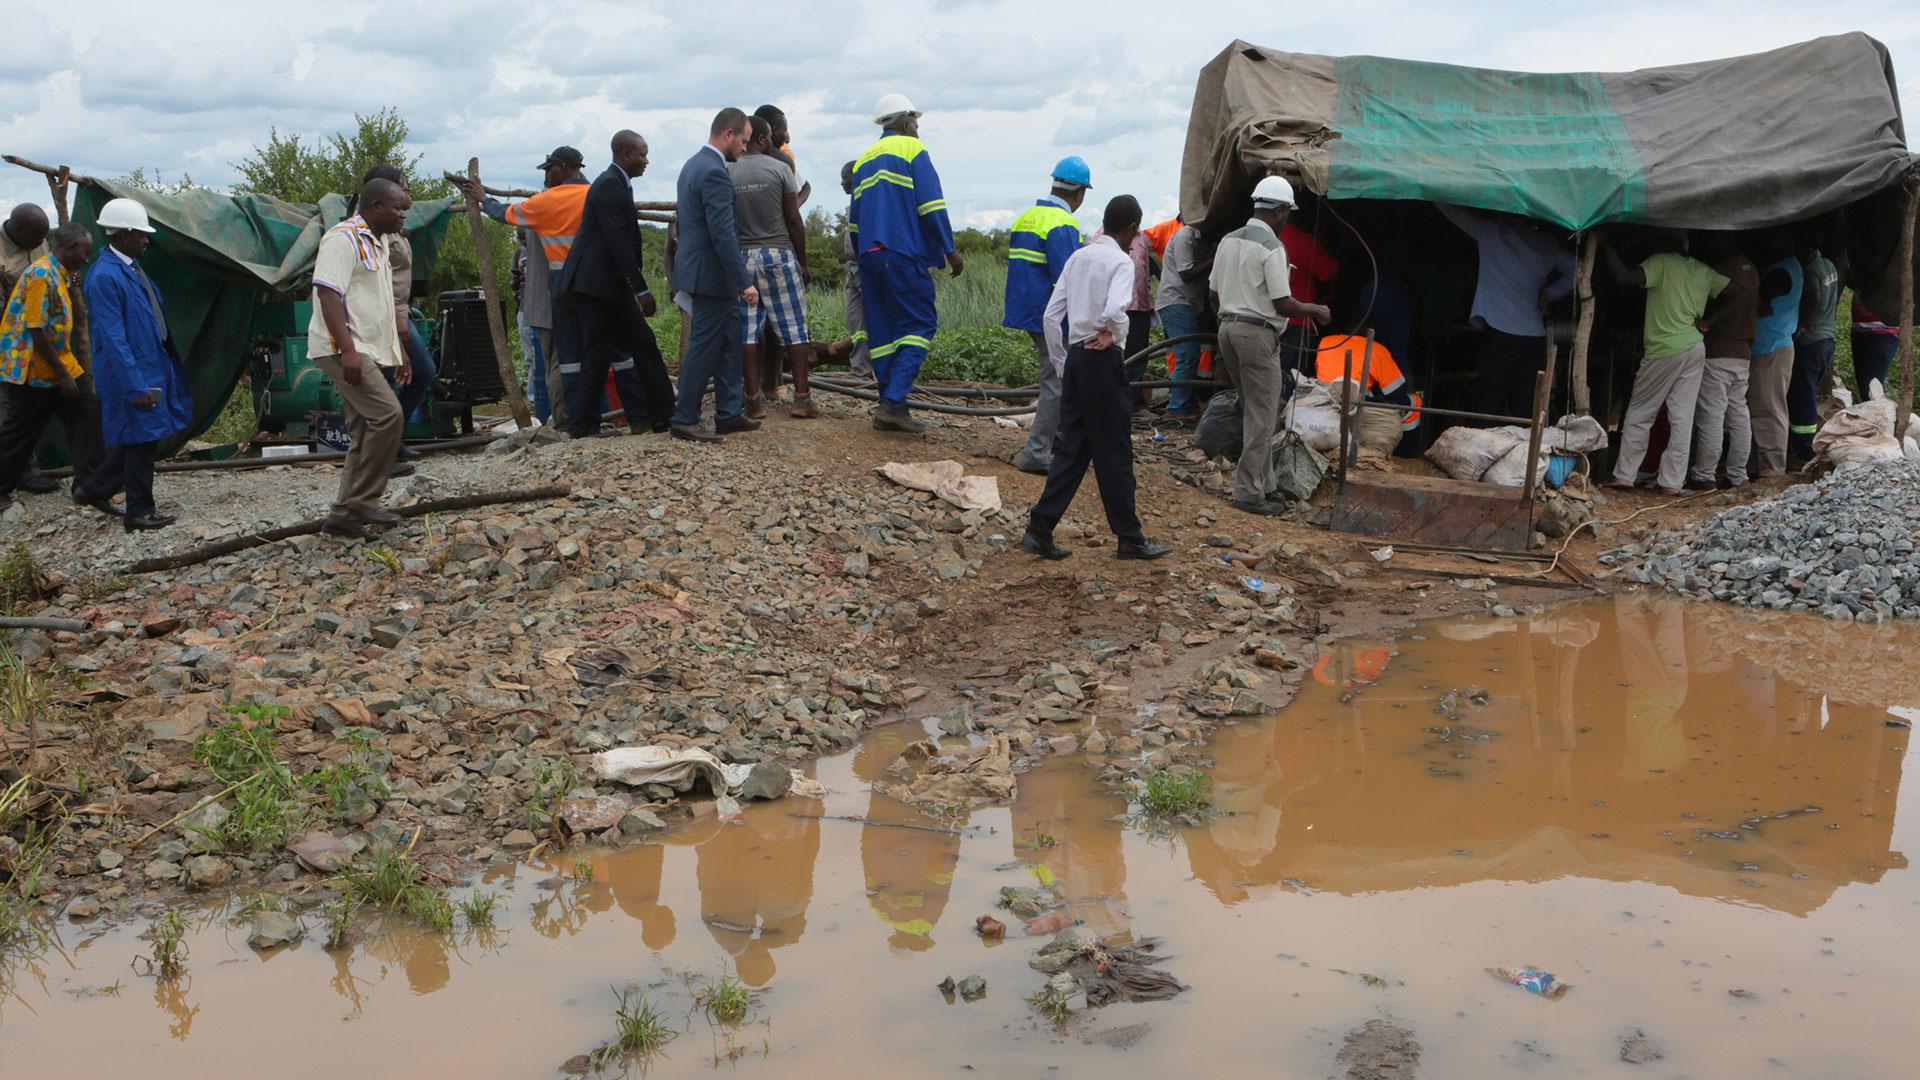 Las fuertes lluvias provocaron la muerte de unos 60 mineros ilegales en Zimbabwe (AP)